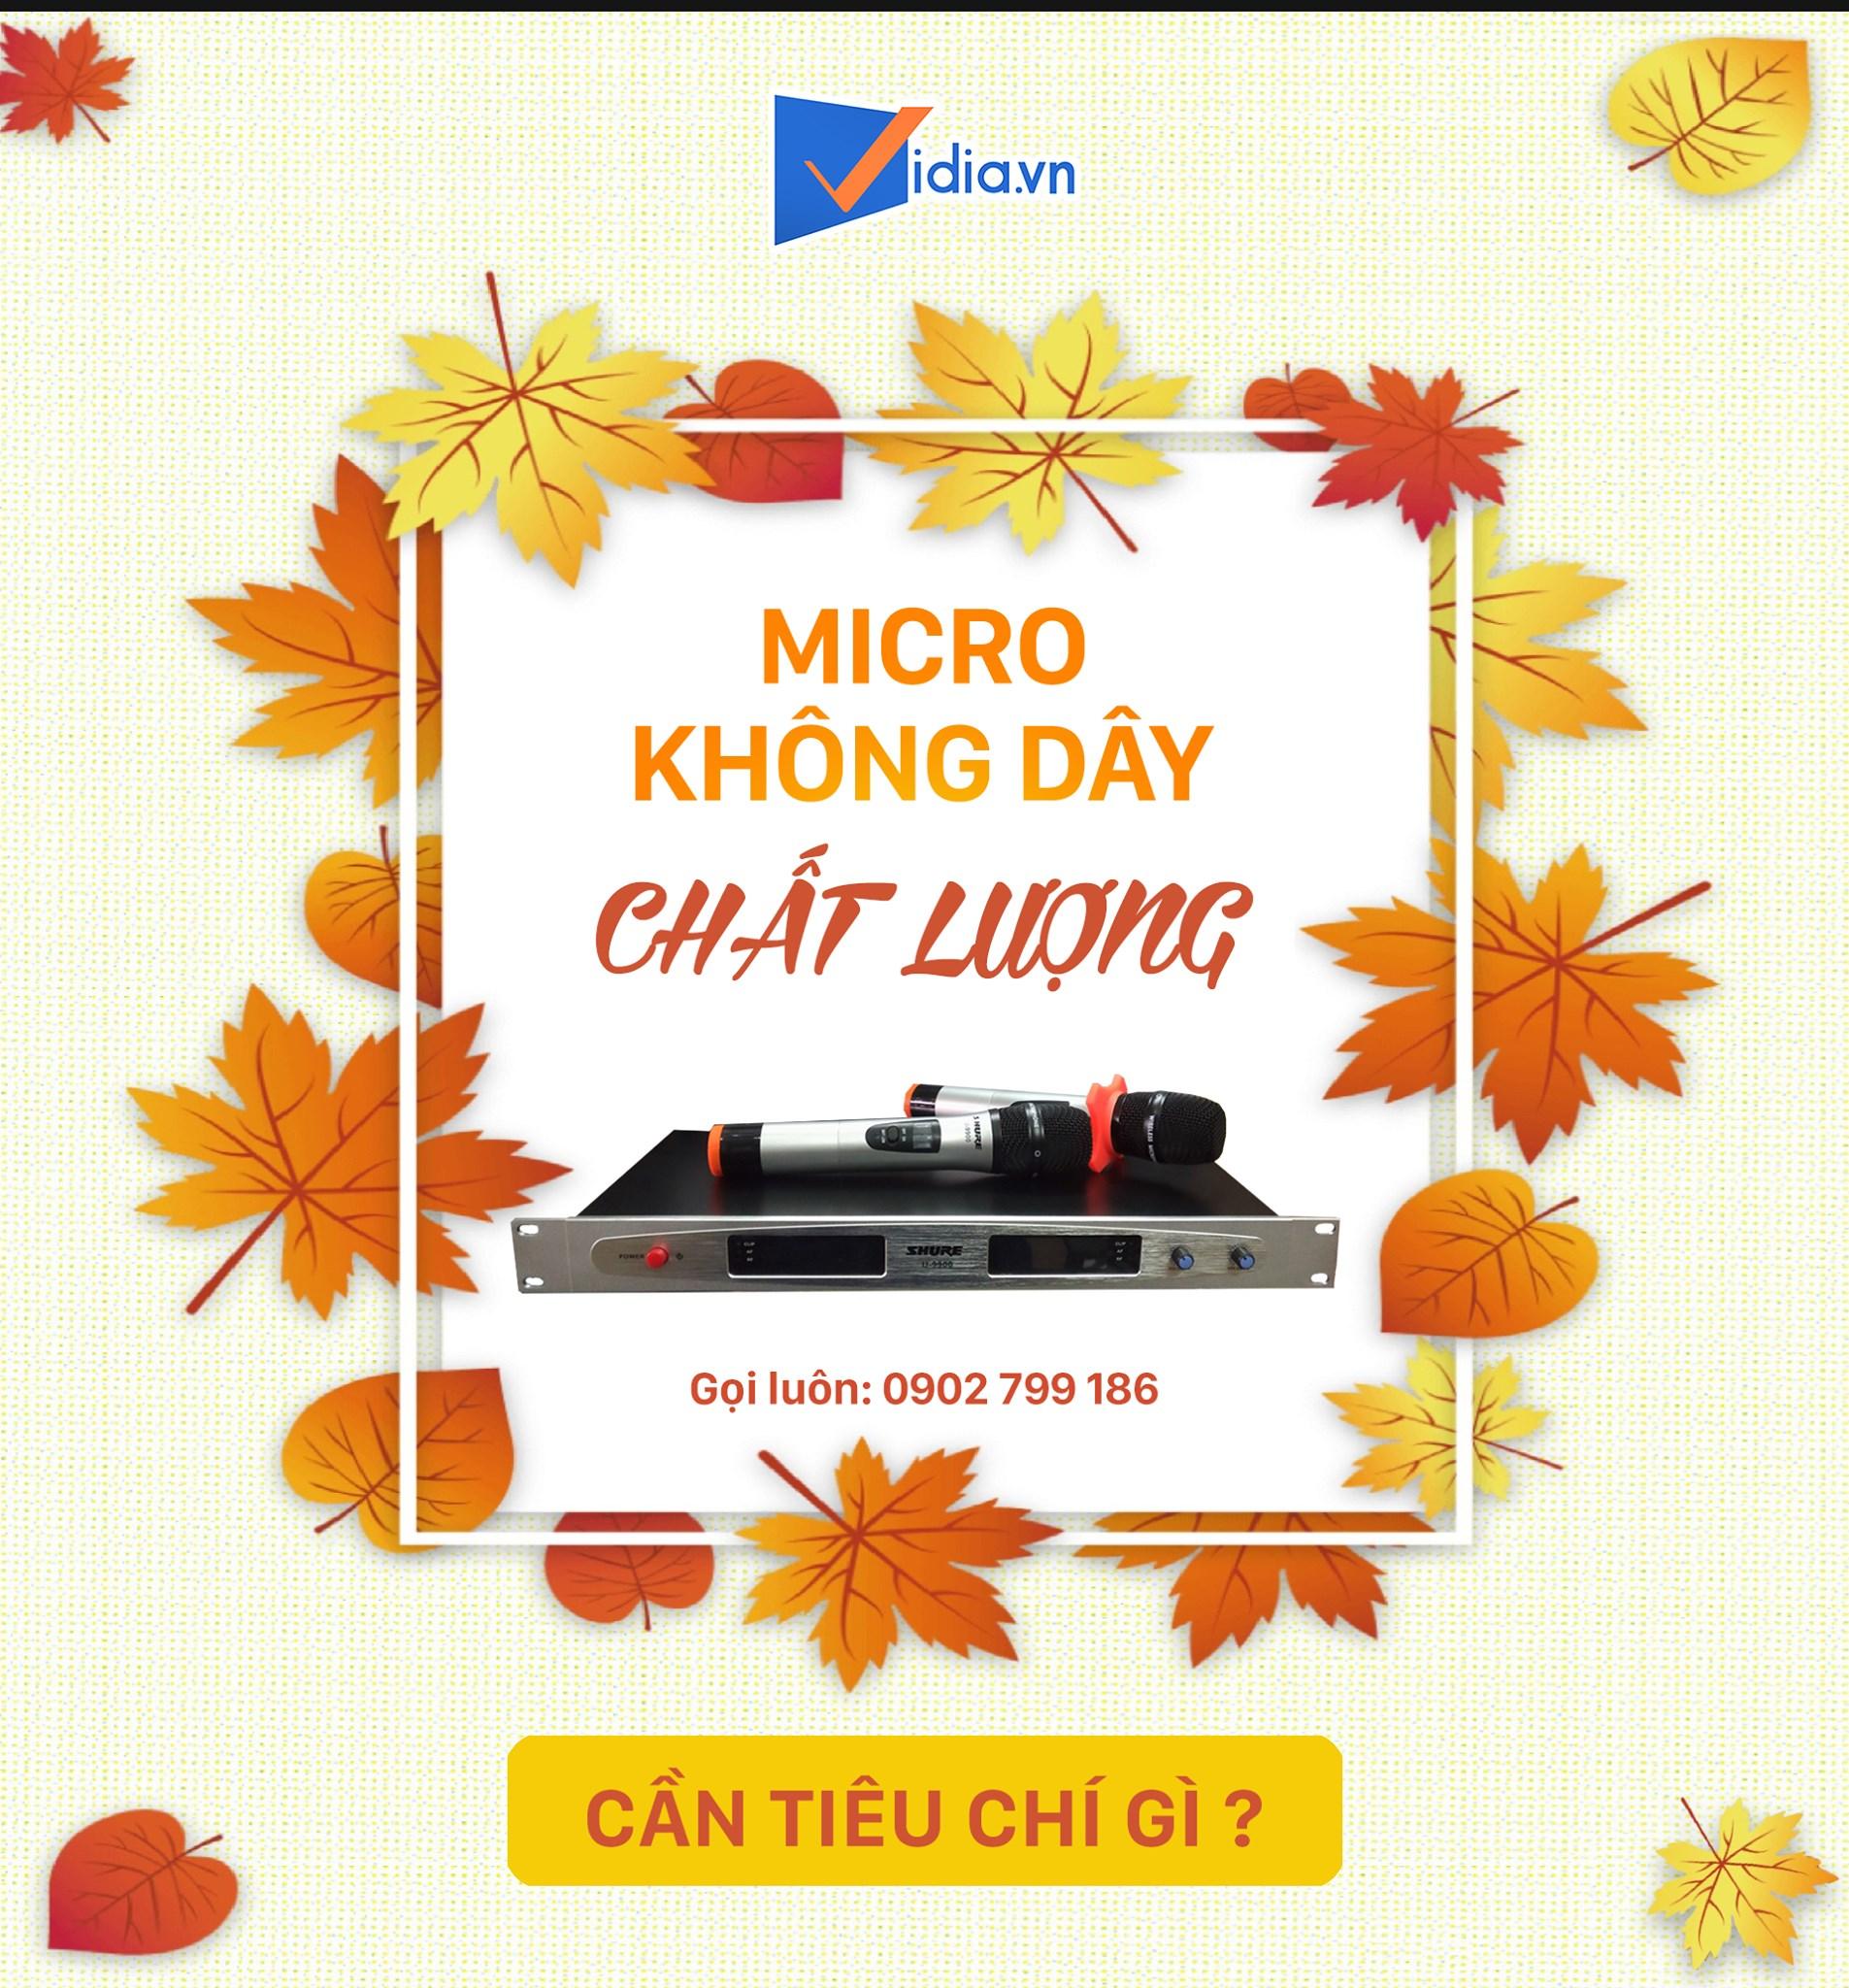 tieu-chi-chon-micro-khong-day